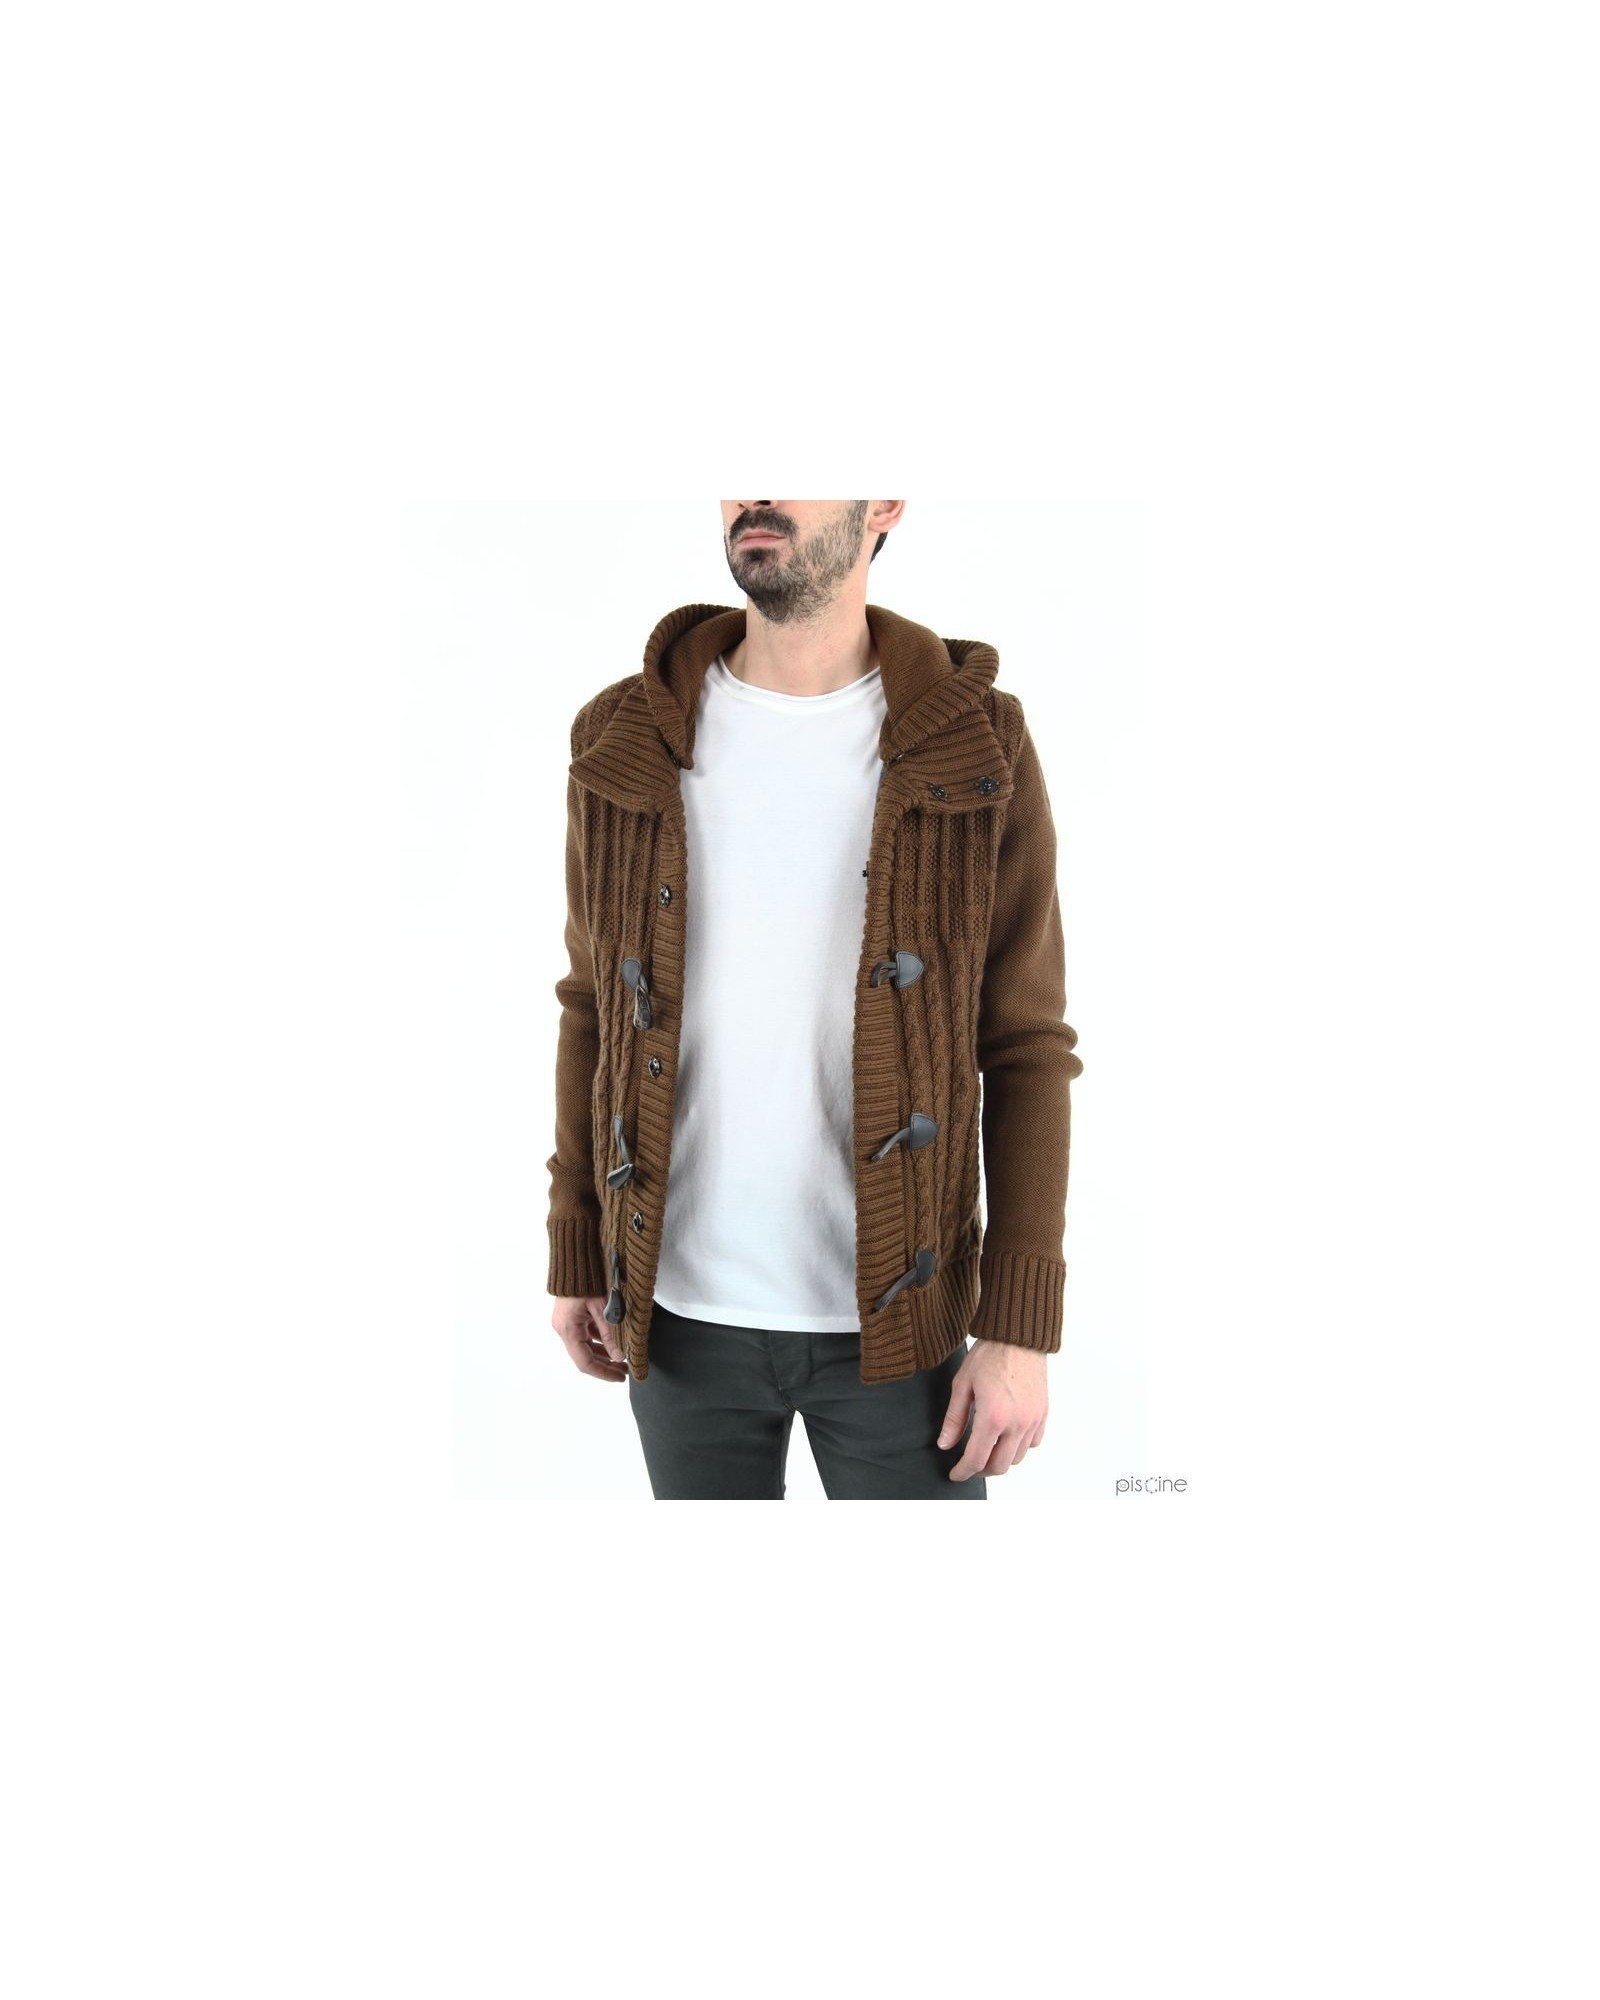 Pardessus marron style duffle coat  Manostorti